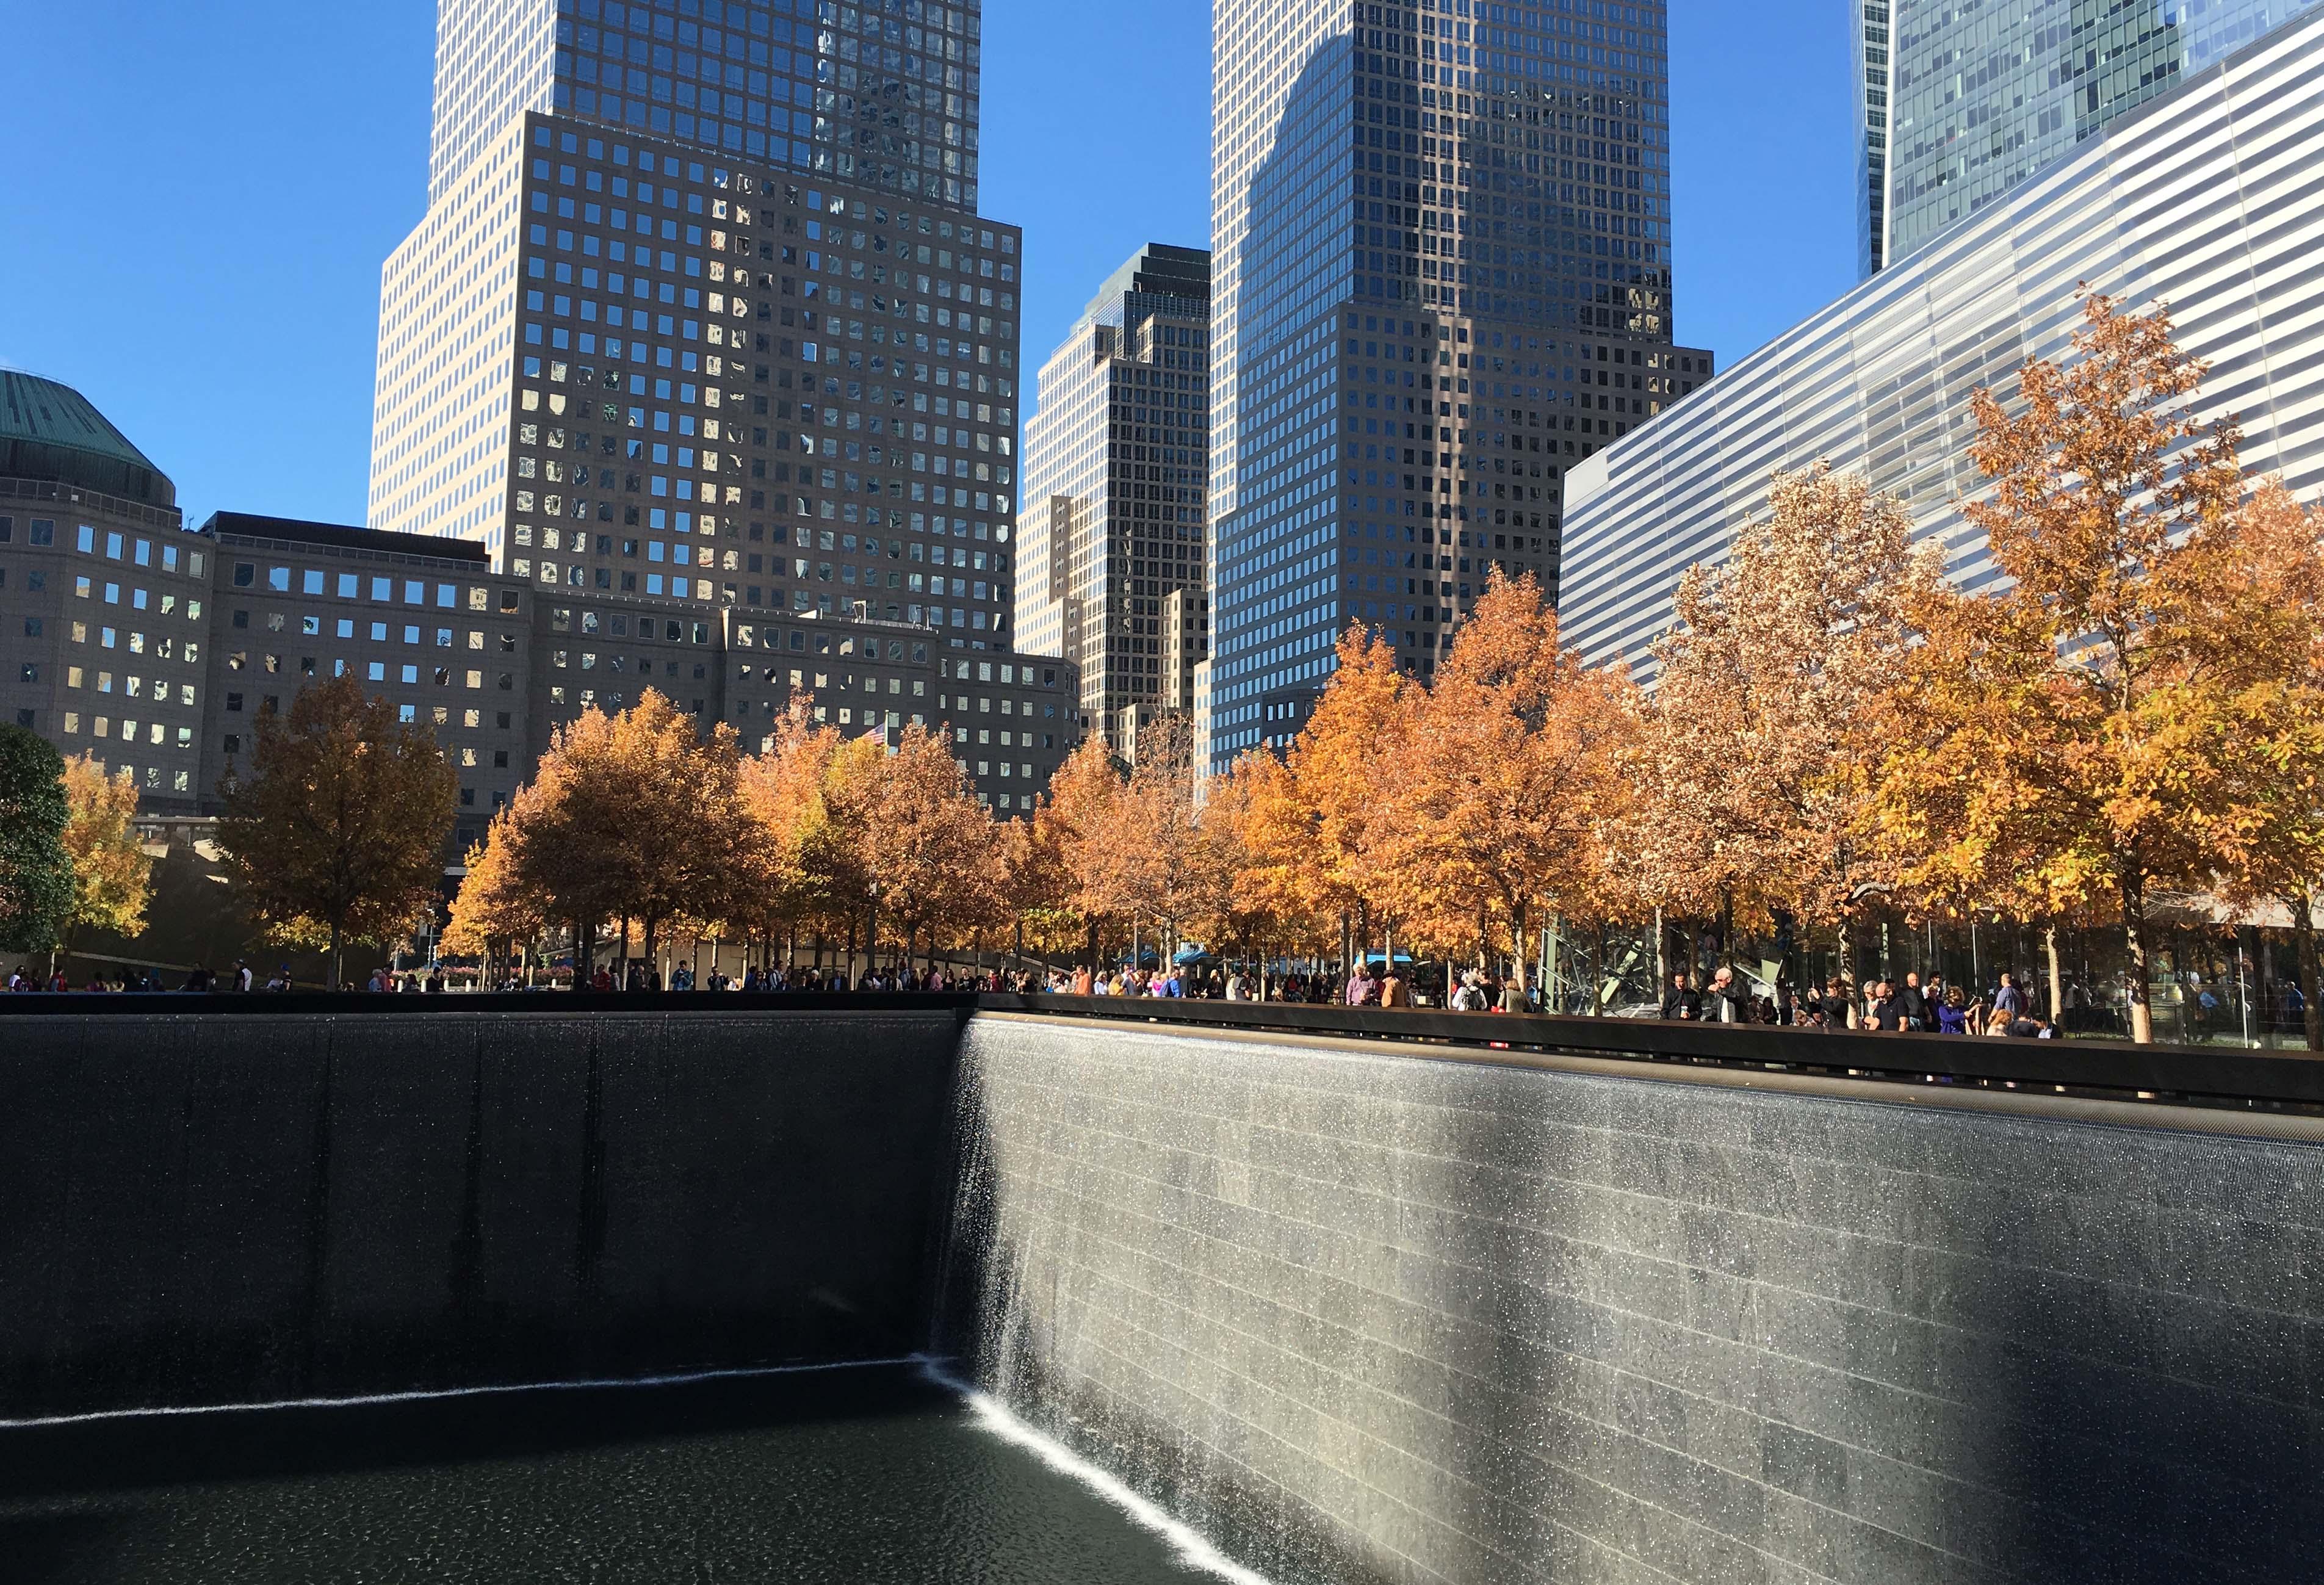 Oak trees 911 memorial 2015